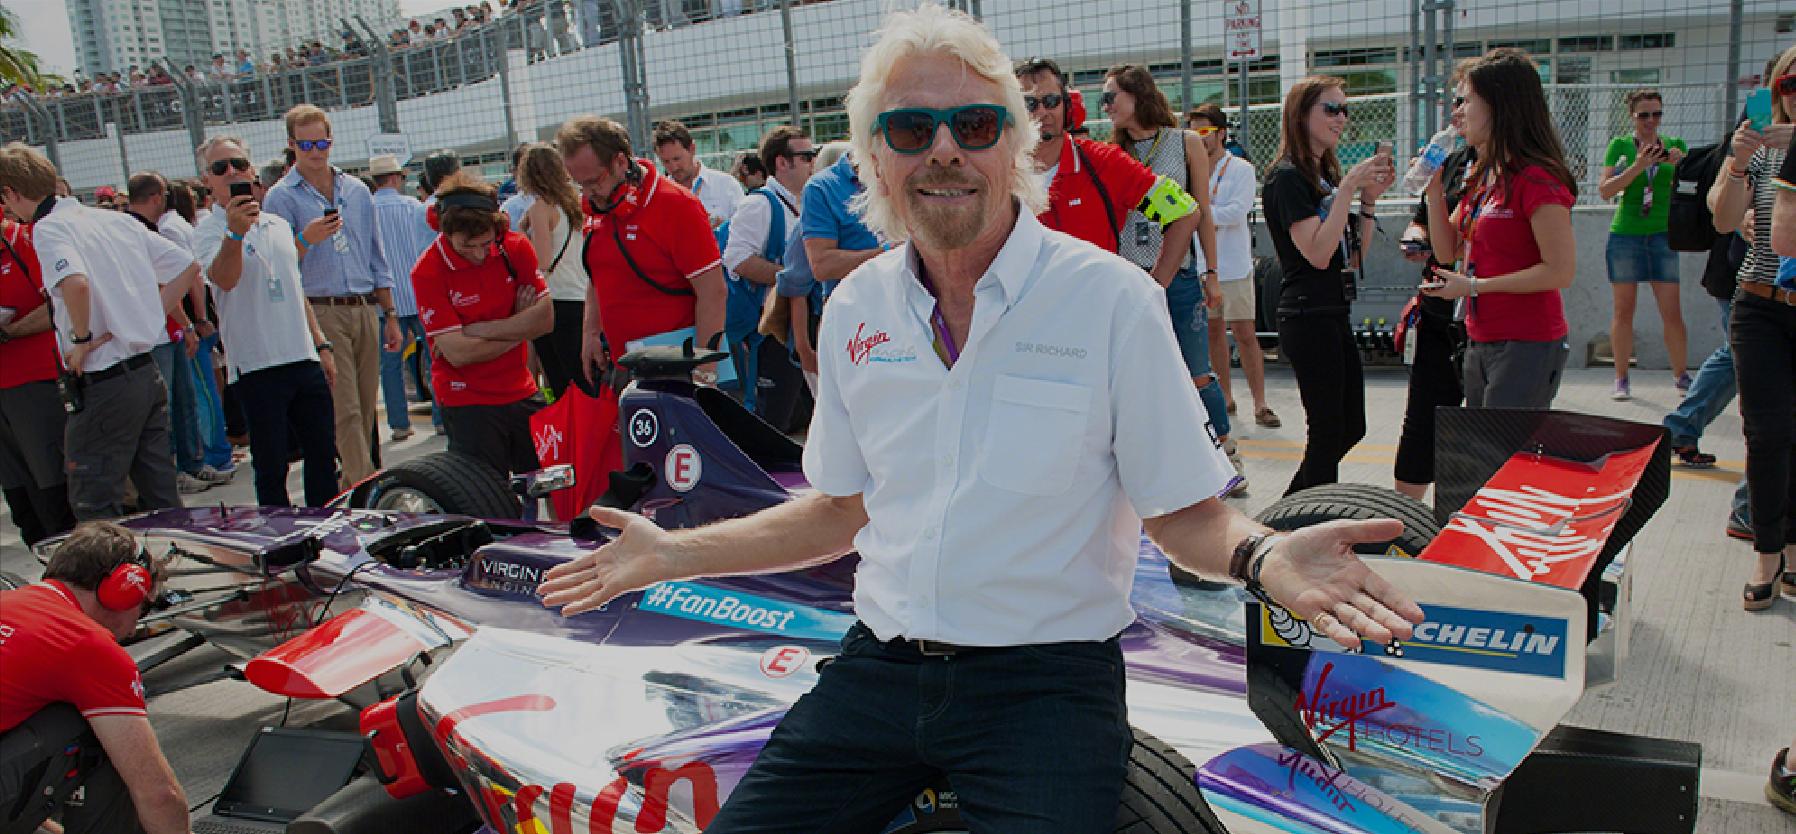 Richard Branson- Inspiring entrepreneurs